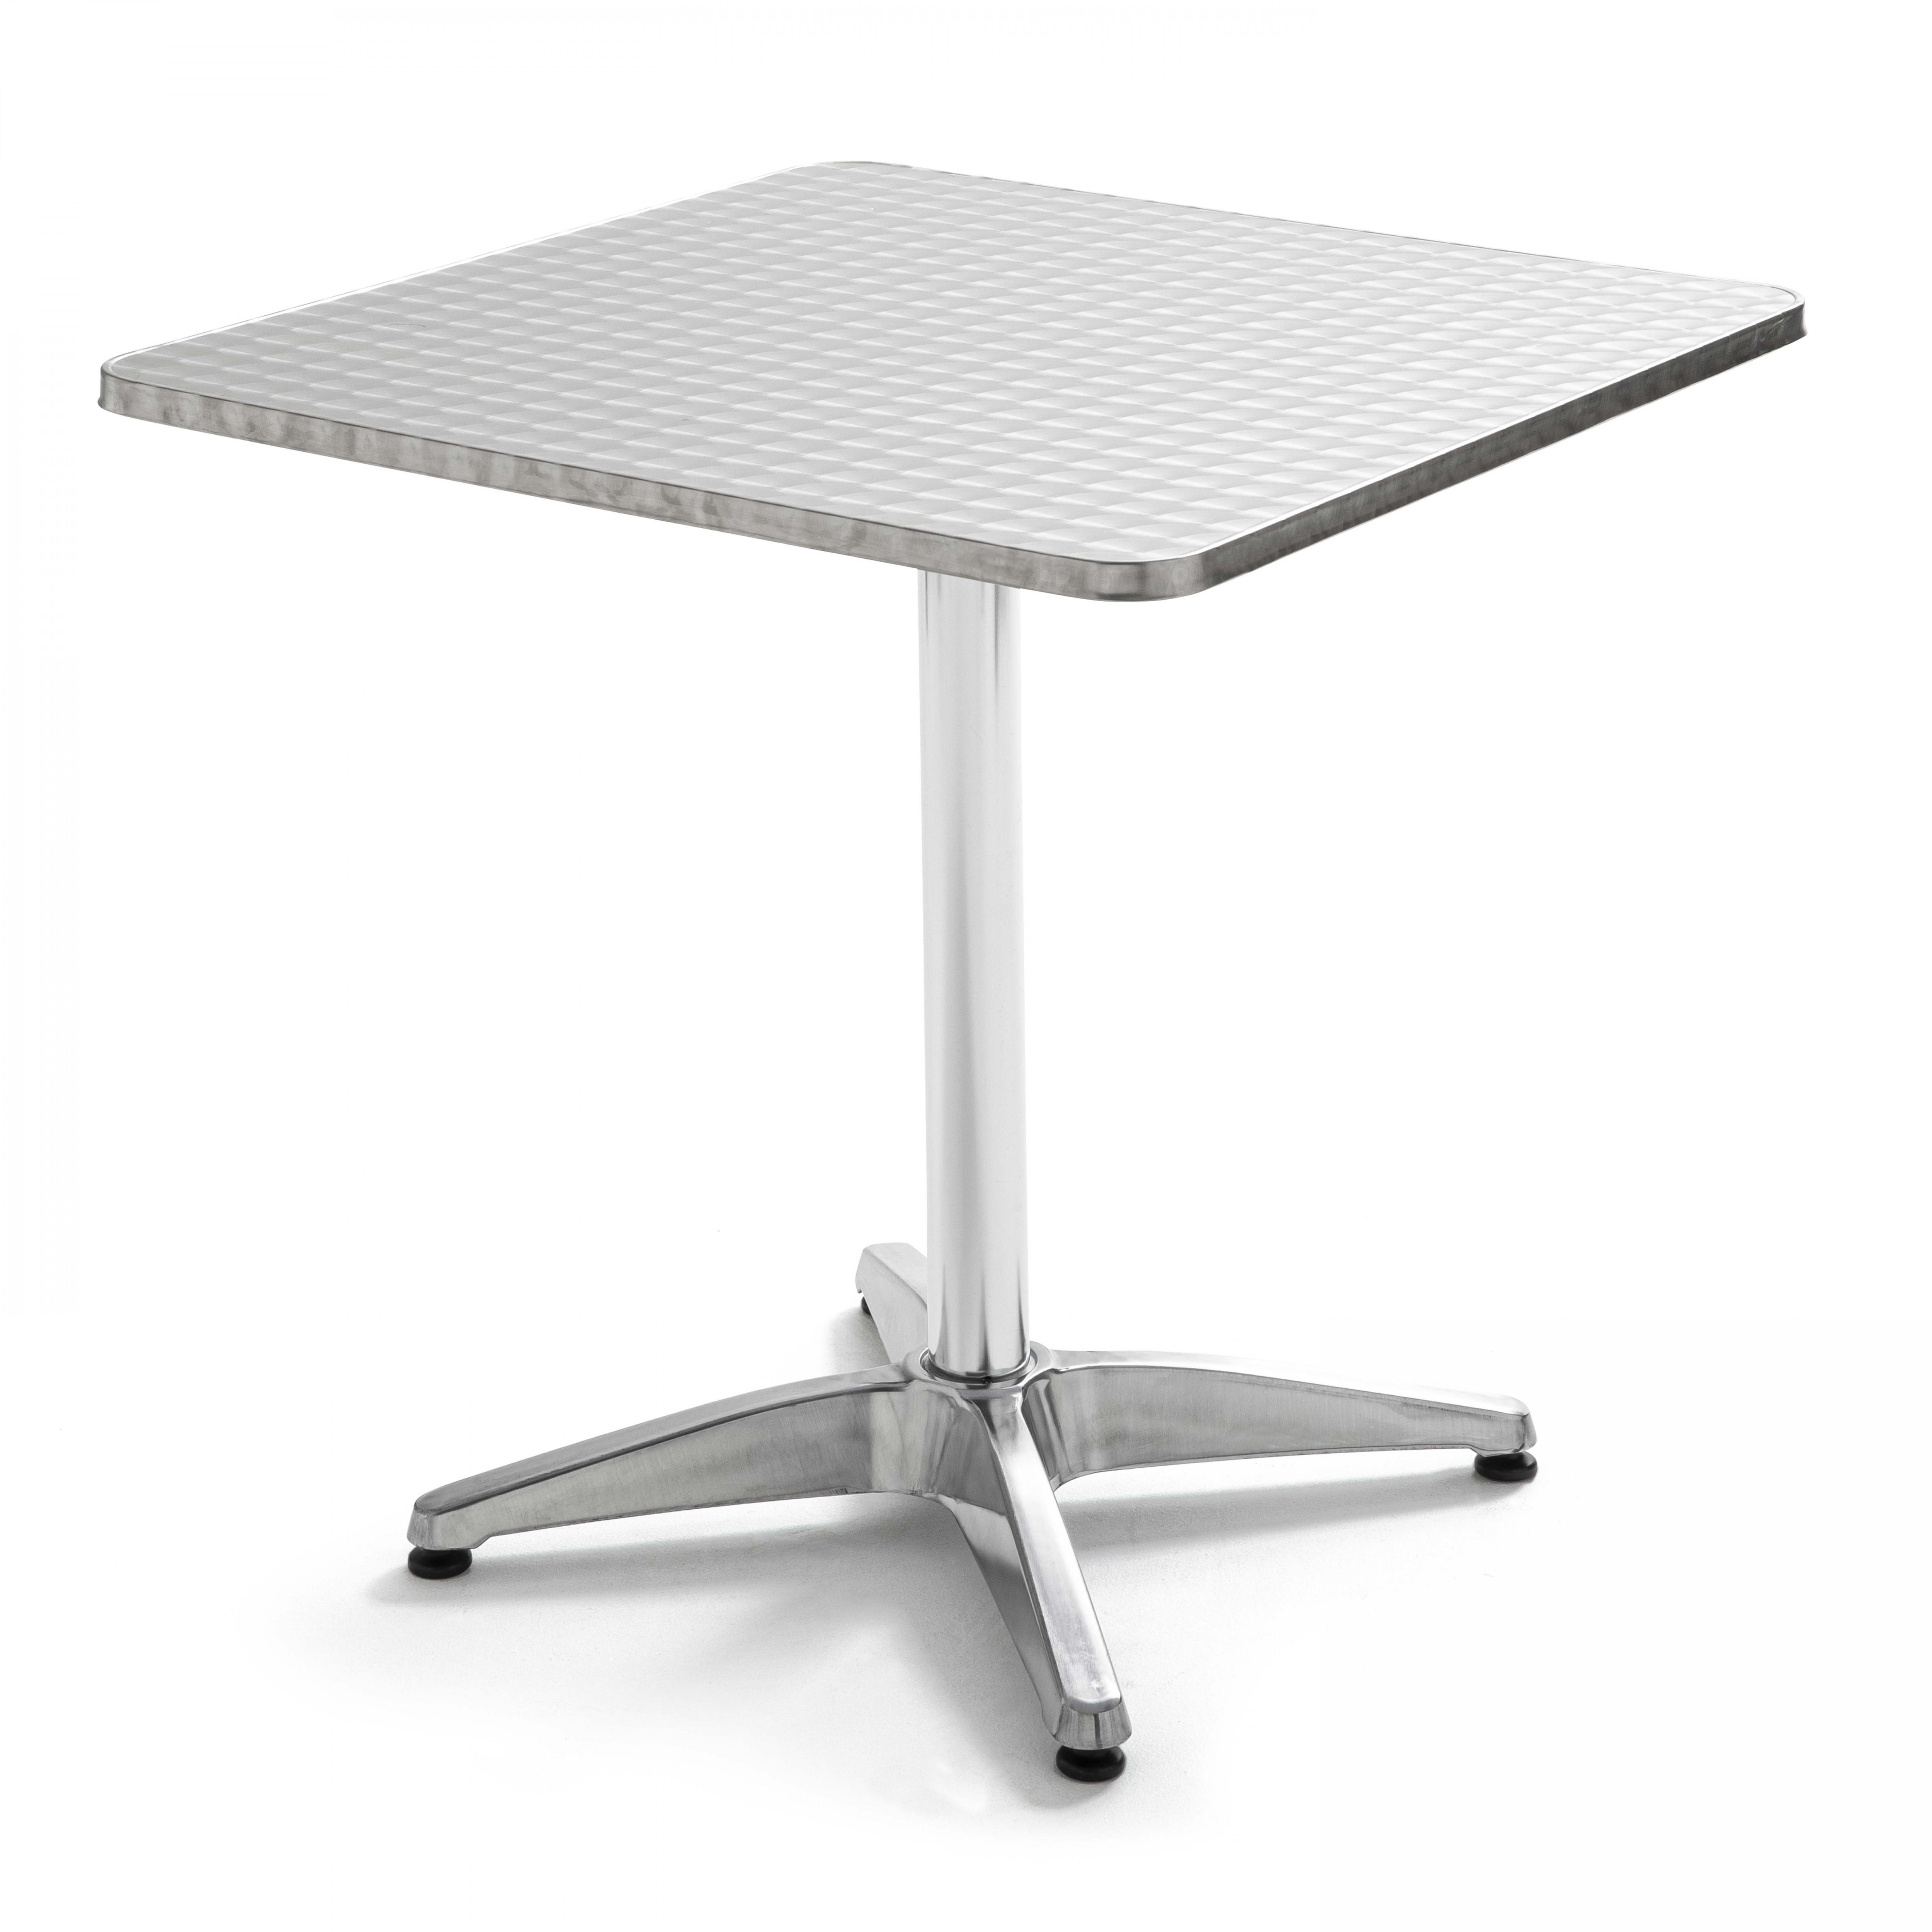 Table de jardin carrée en aluminium